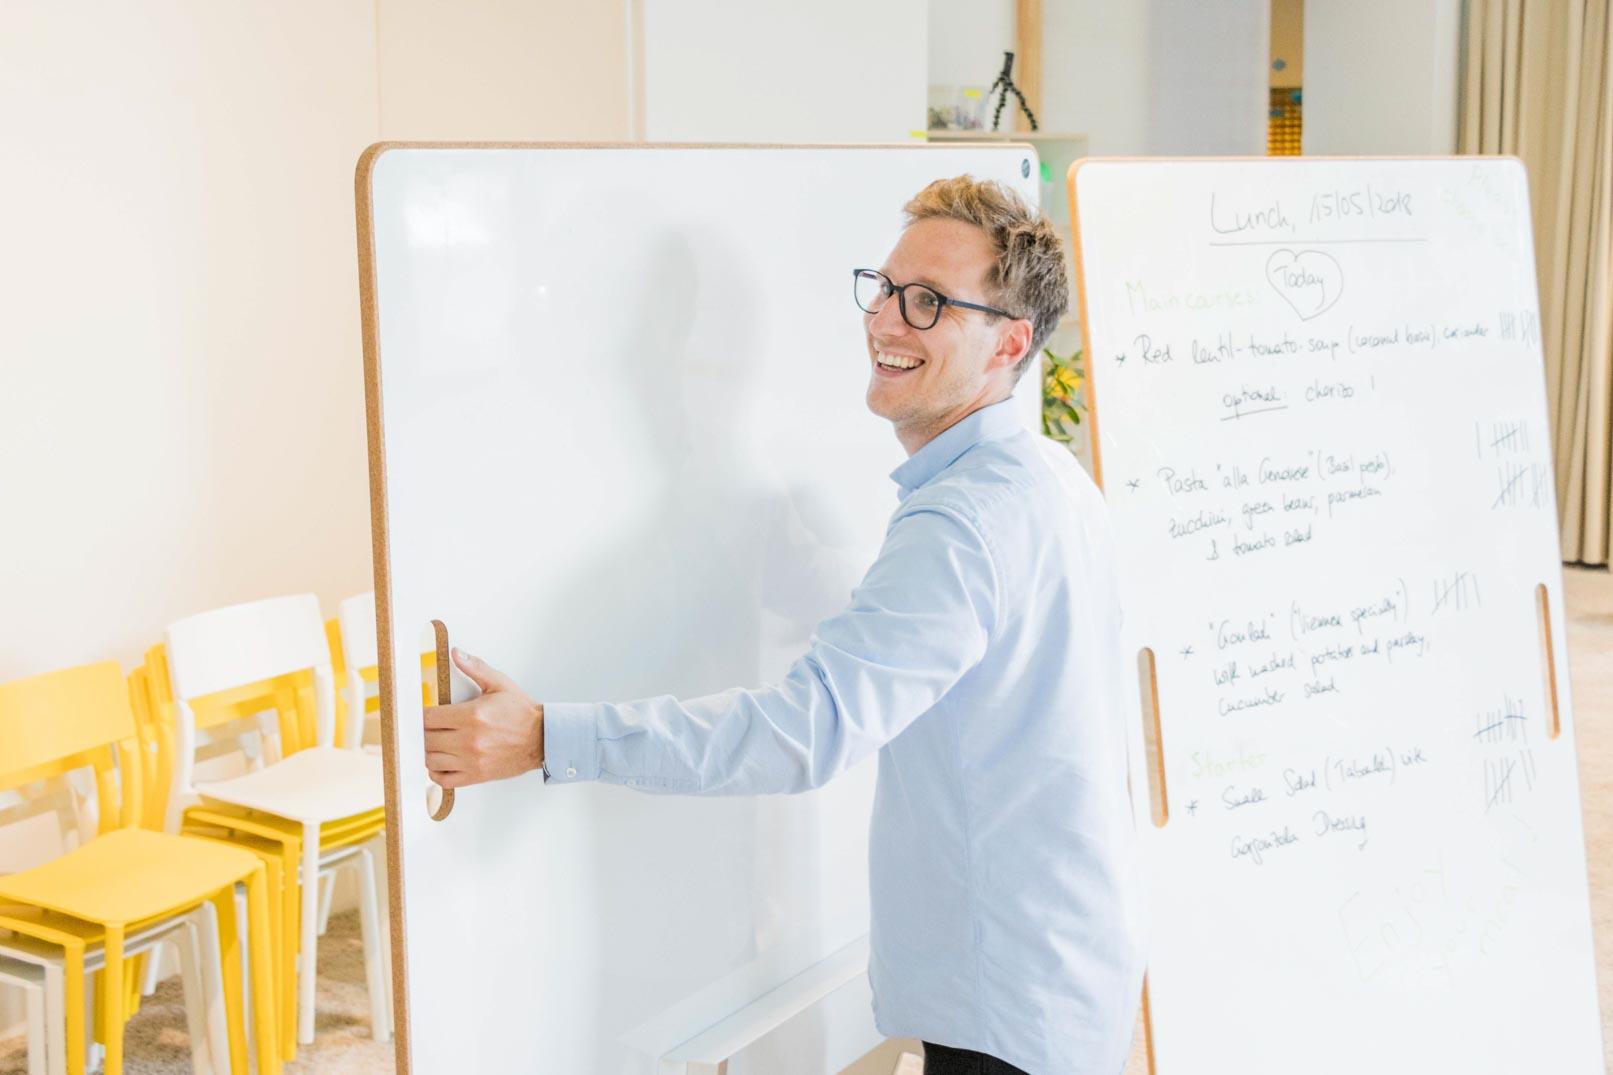 Der lachende Steffen Szary trägt ein agiles Design-Whiteboard